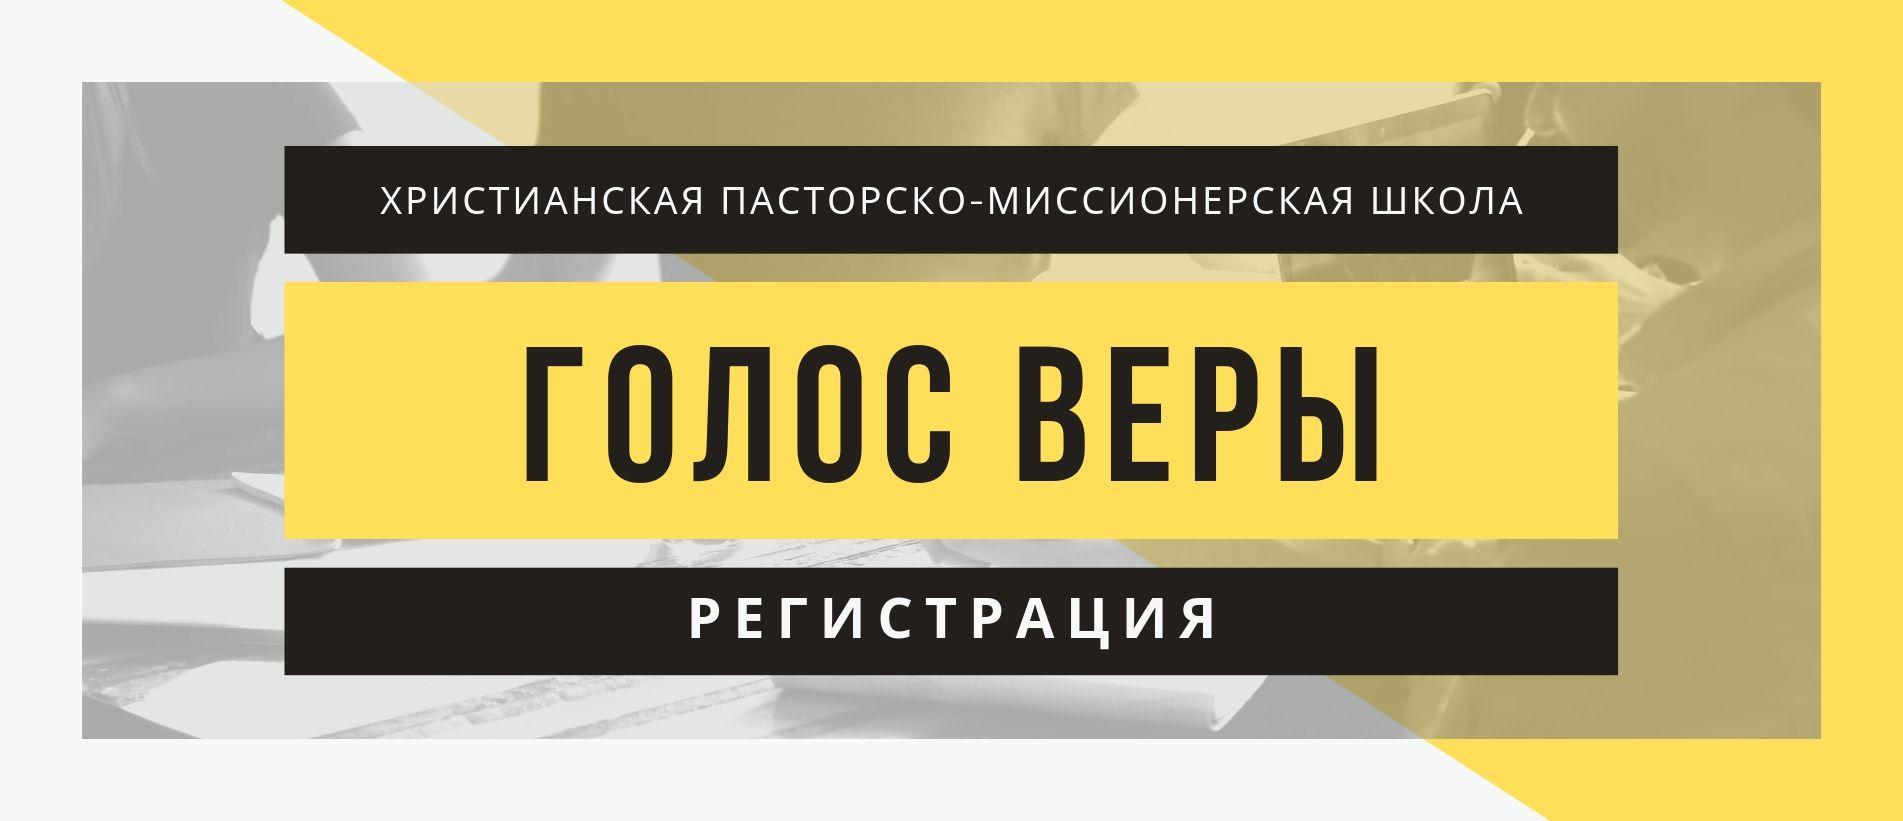 ХРИСТИАНСКАЯ ПАСТОРСКО-МИССИОНЕРСКАЯ ШКОЛА «ГОЛОС ВЕРЫ» 2019